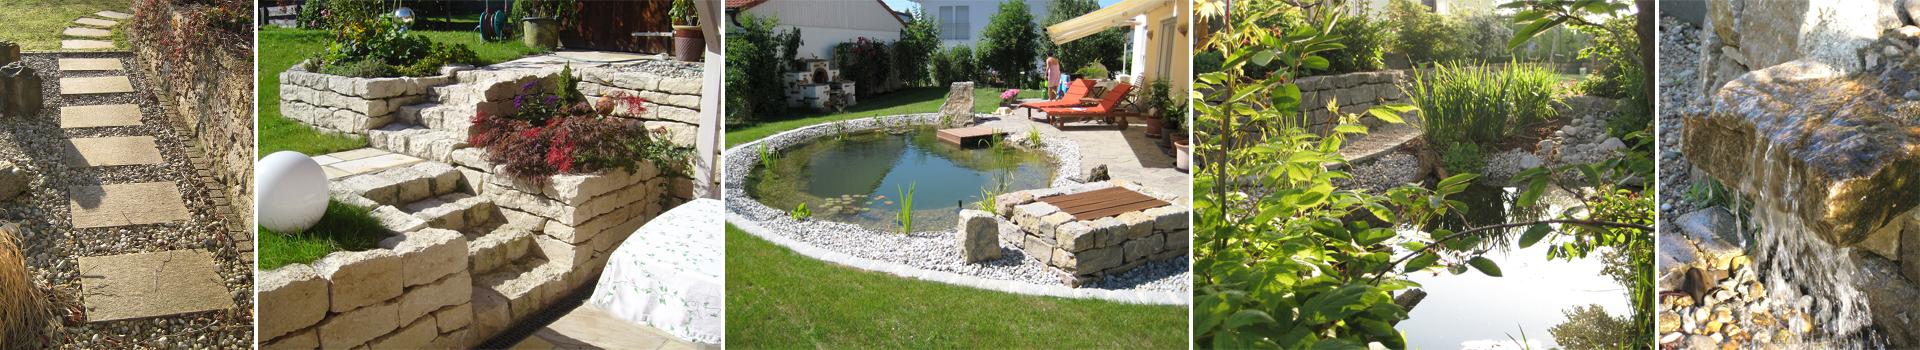 Garten Und Landschaftsbau Peter Oskar In Reithofen